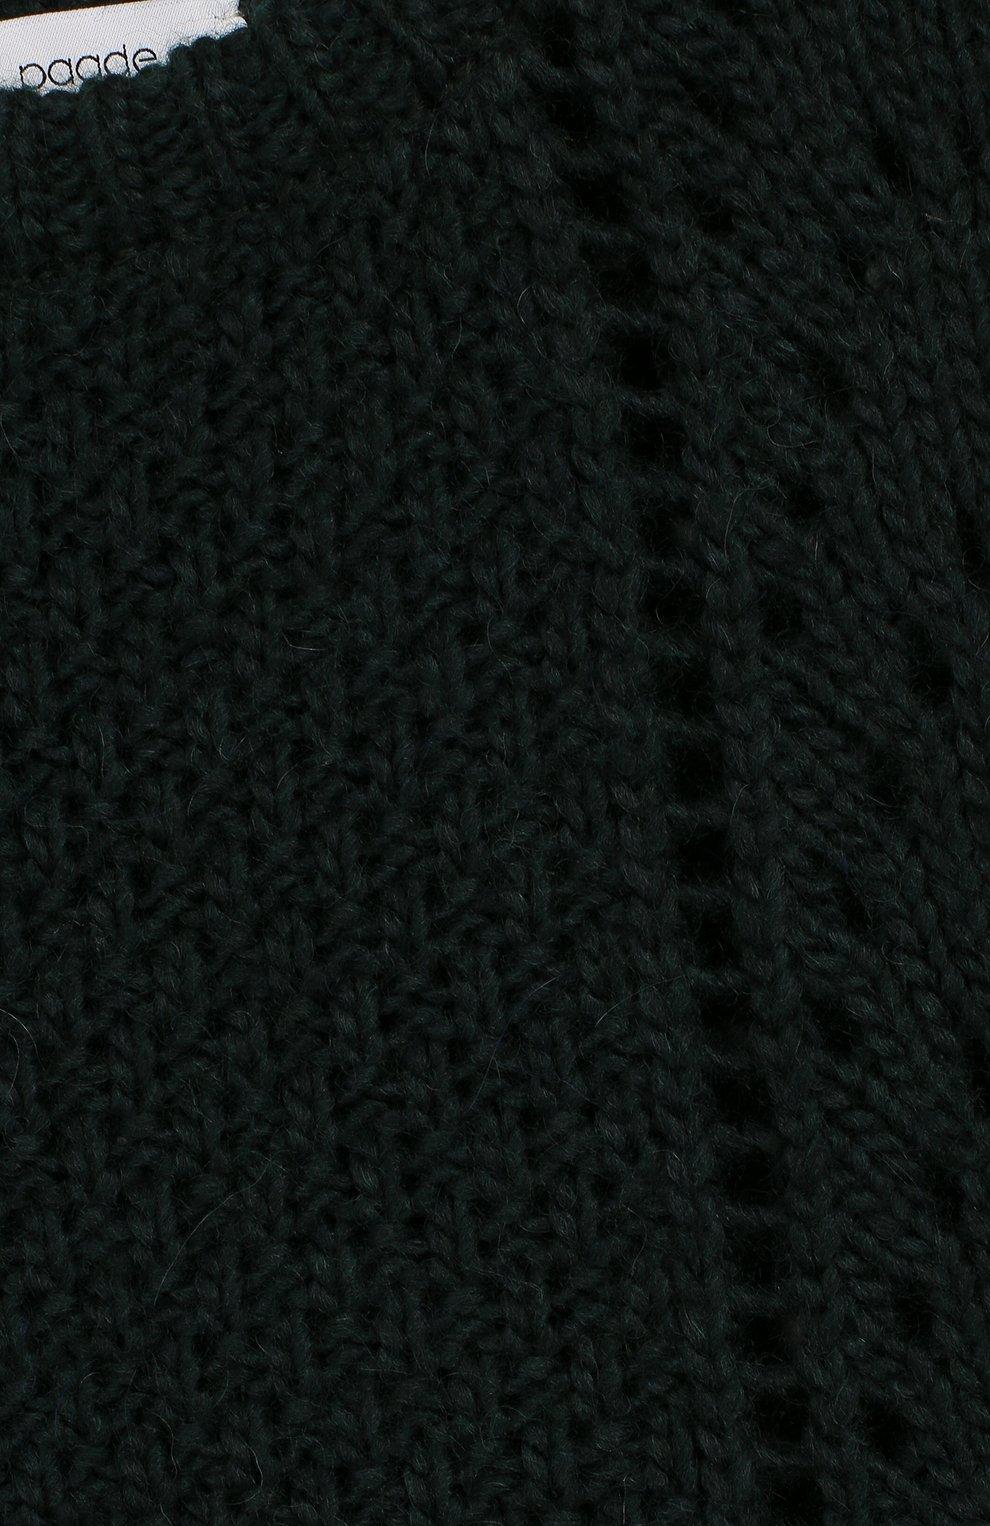 Детский пуловер из шерсти PAADE MODE светло-зеленого цвета, арт. 94142/10Y-16Y | Фото 3 (Девочки Кросс-КТ: Пуловер-одежда; Материал внешний: Шерсть, Синтетический материал; Рукава: Длинные; Принт: Без принта; Ростовка одежда: 10 - 11 лет | 140 - 146см, 12 лет | 152 см)